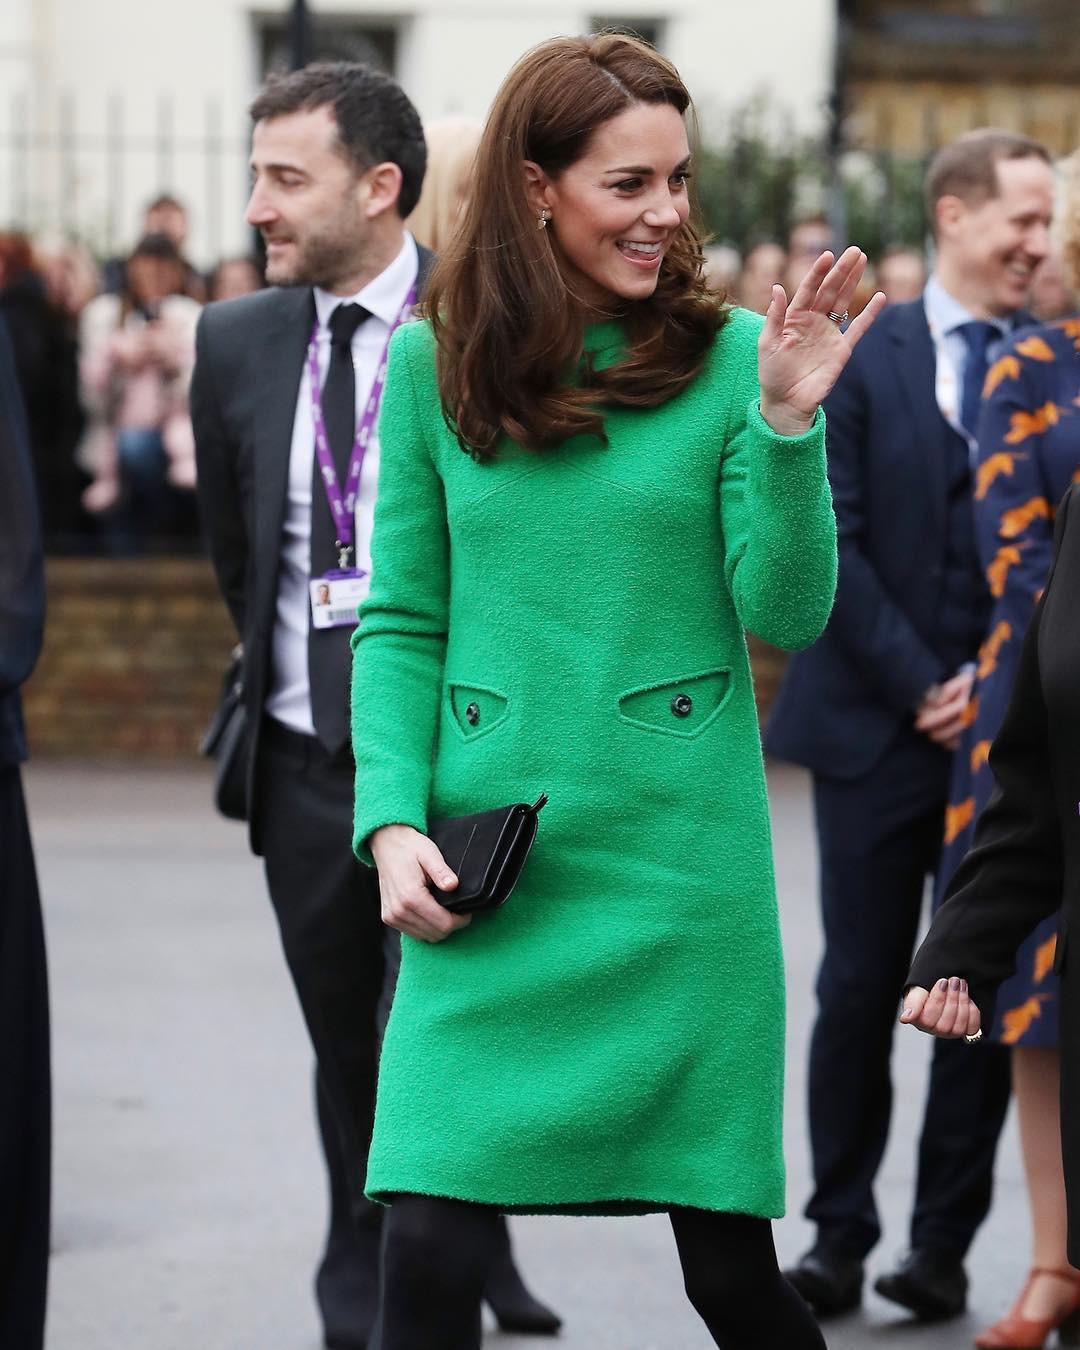 Là Công nương coi nét thanh lịch làm chuẩn nhưng chị em dâu Kate và Meghan cũng nhiều lần mắc lỗi trang phục khó đỡ - Ảnh 2.